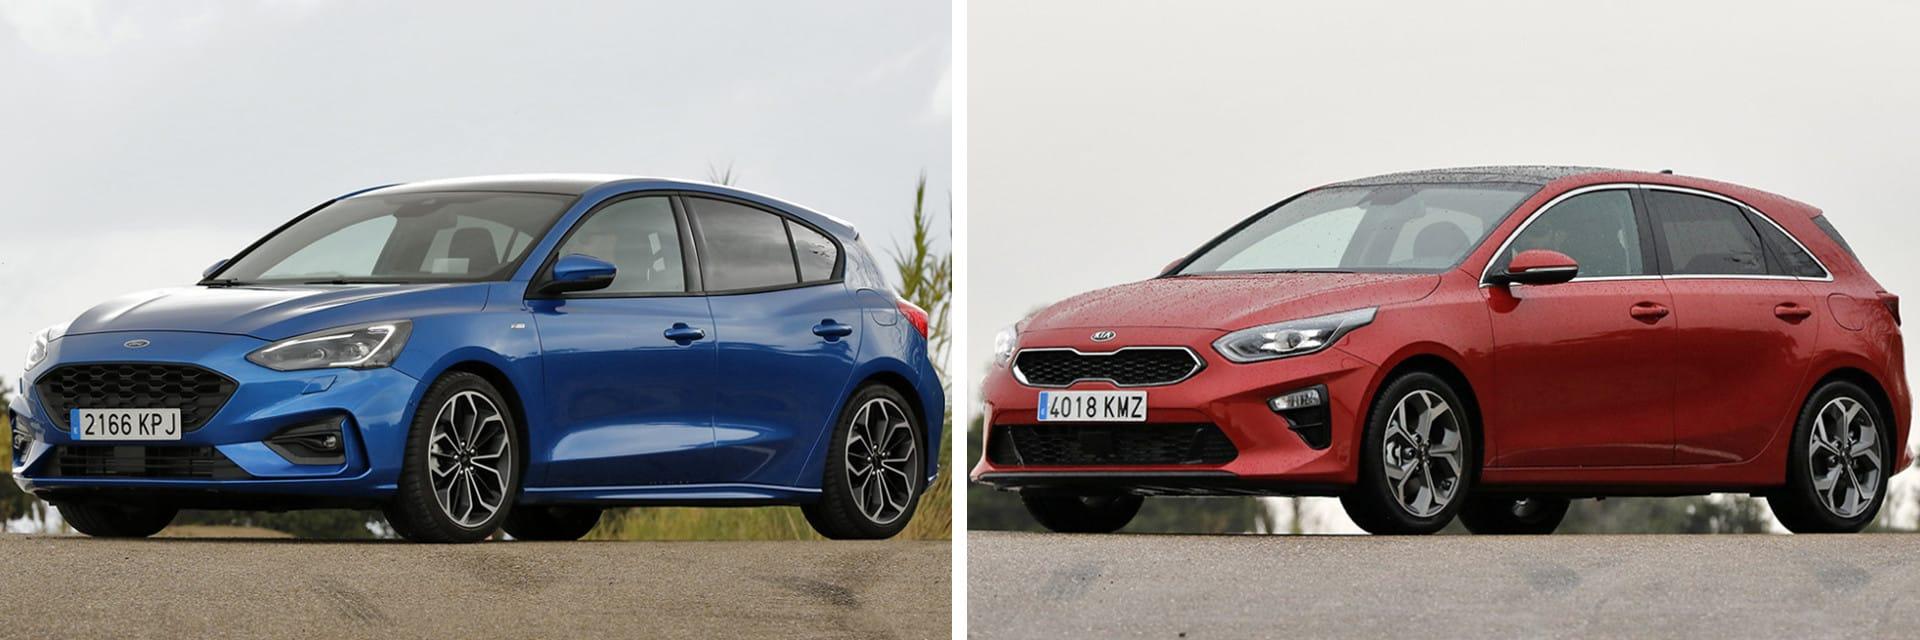 El Ford Focus (izq.) tiene un consumo menor que el KIA Ceed (dcha.)